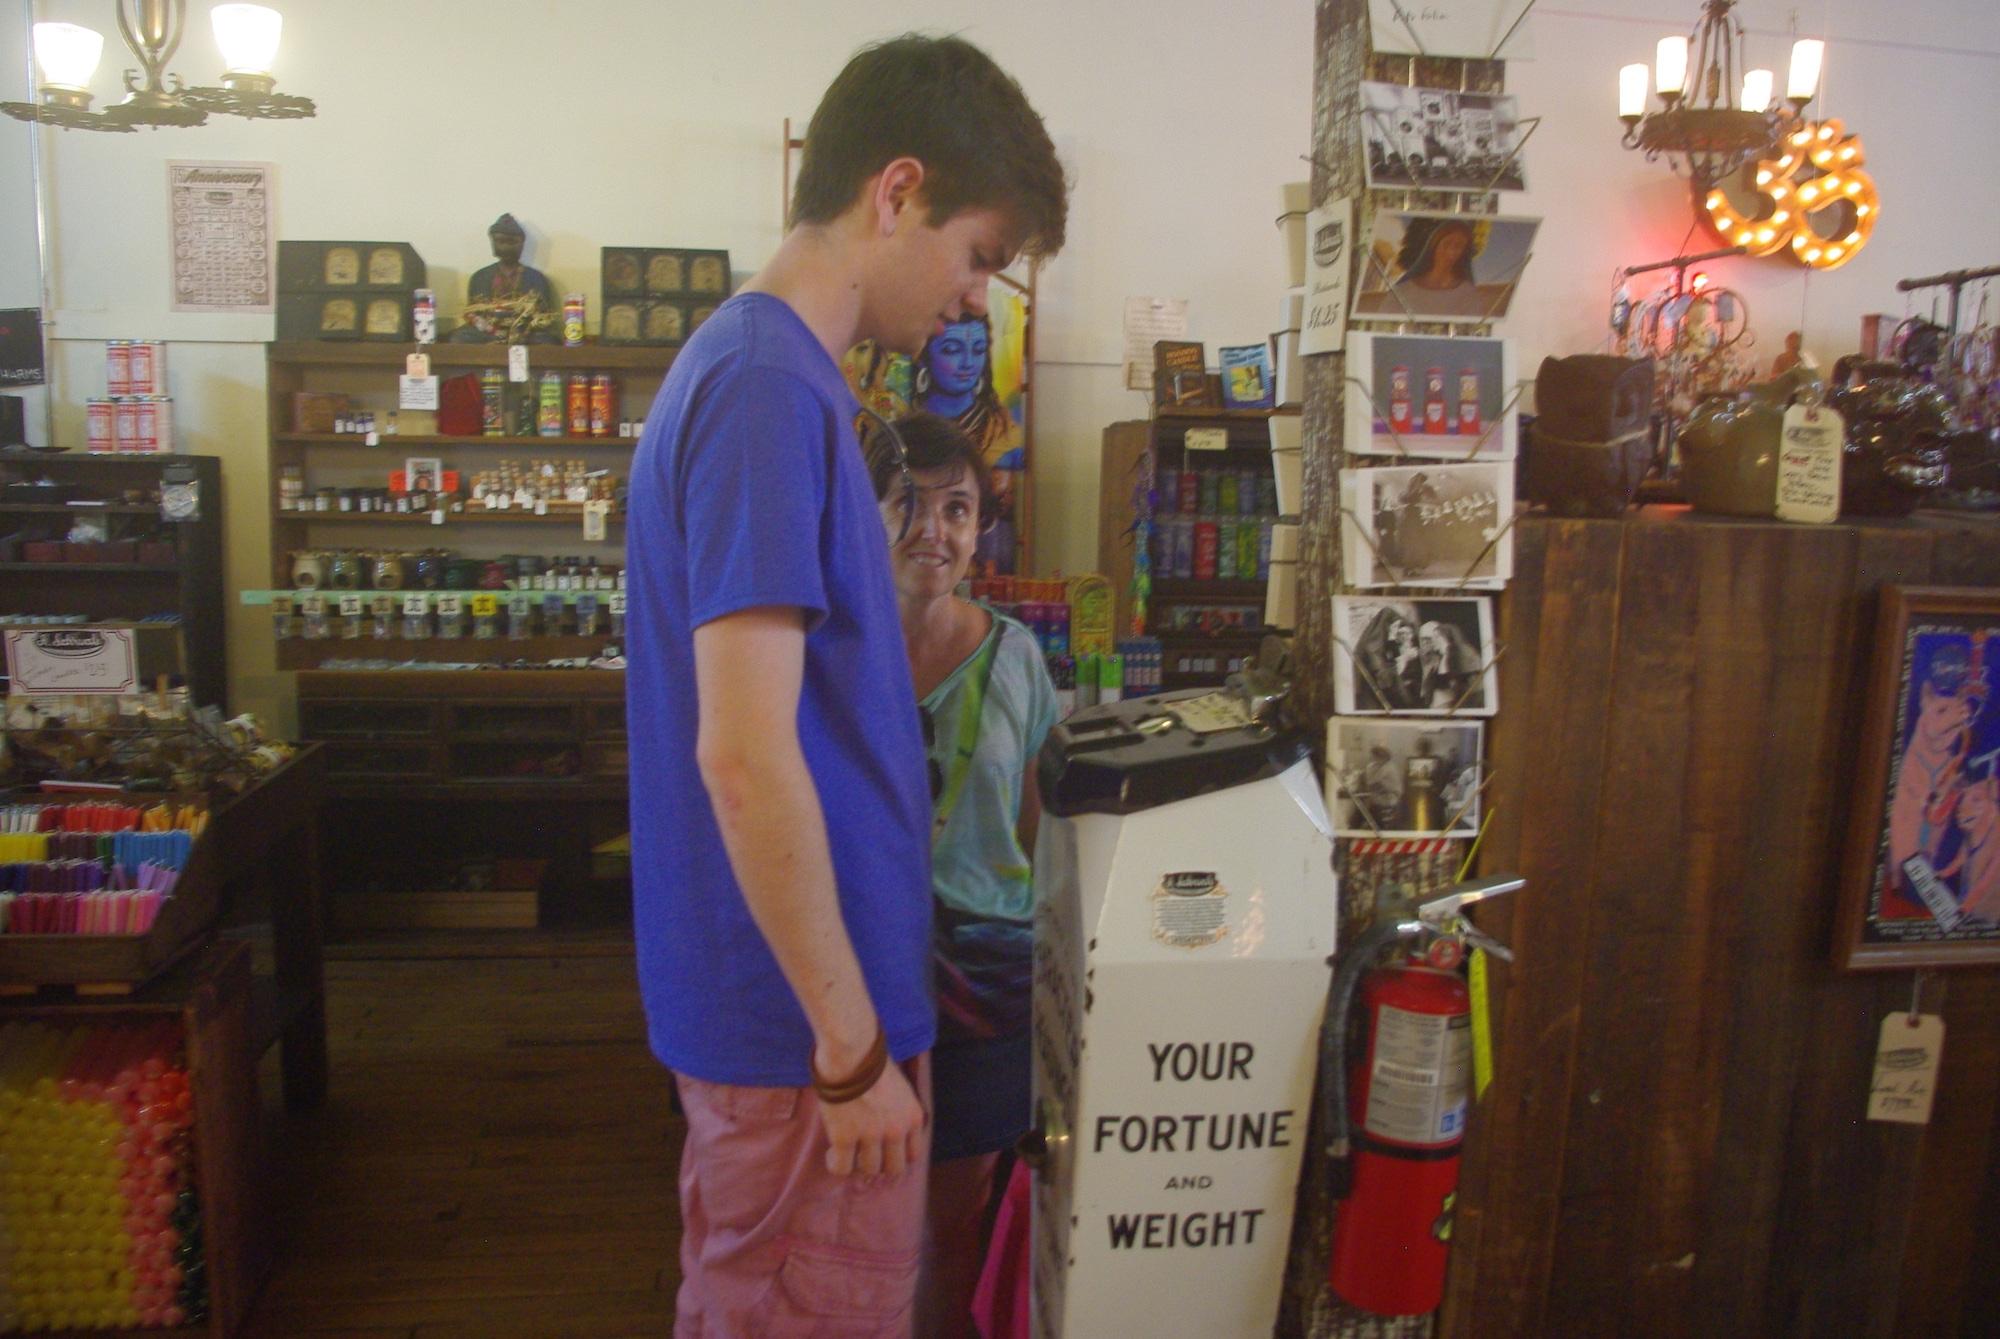 Chez Schwab, boutique historique depuis 1876. Joujoux, objets vaudous, disques, livres ... on y trouve de tout.